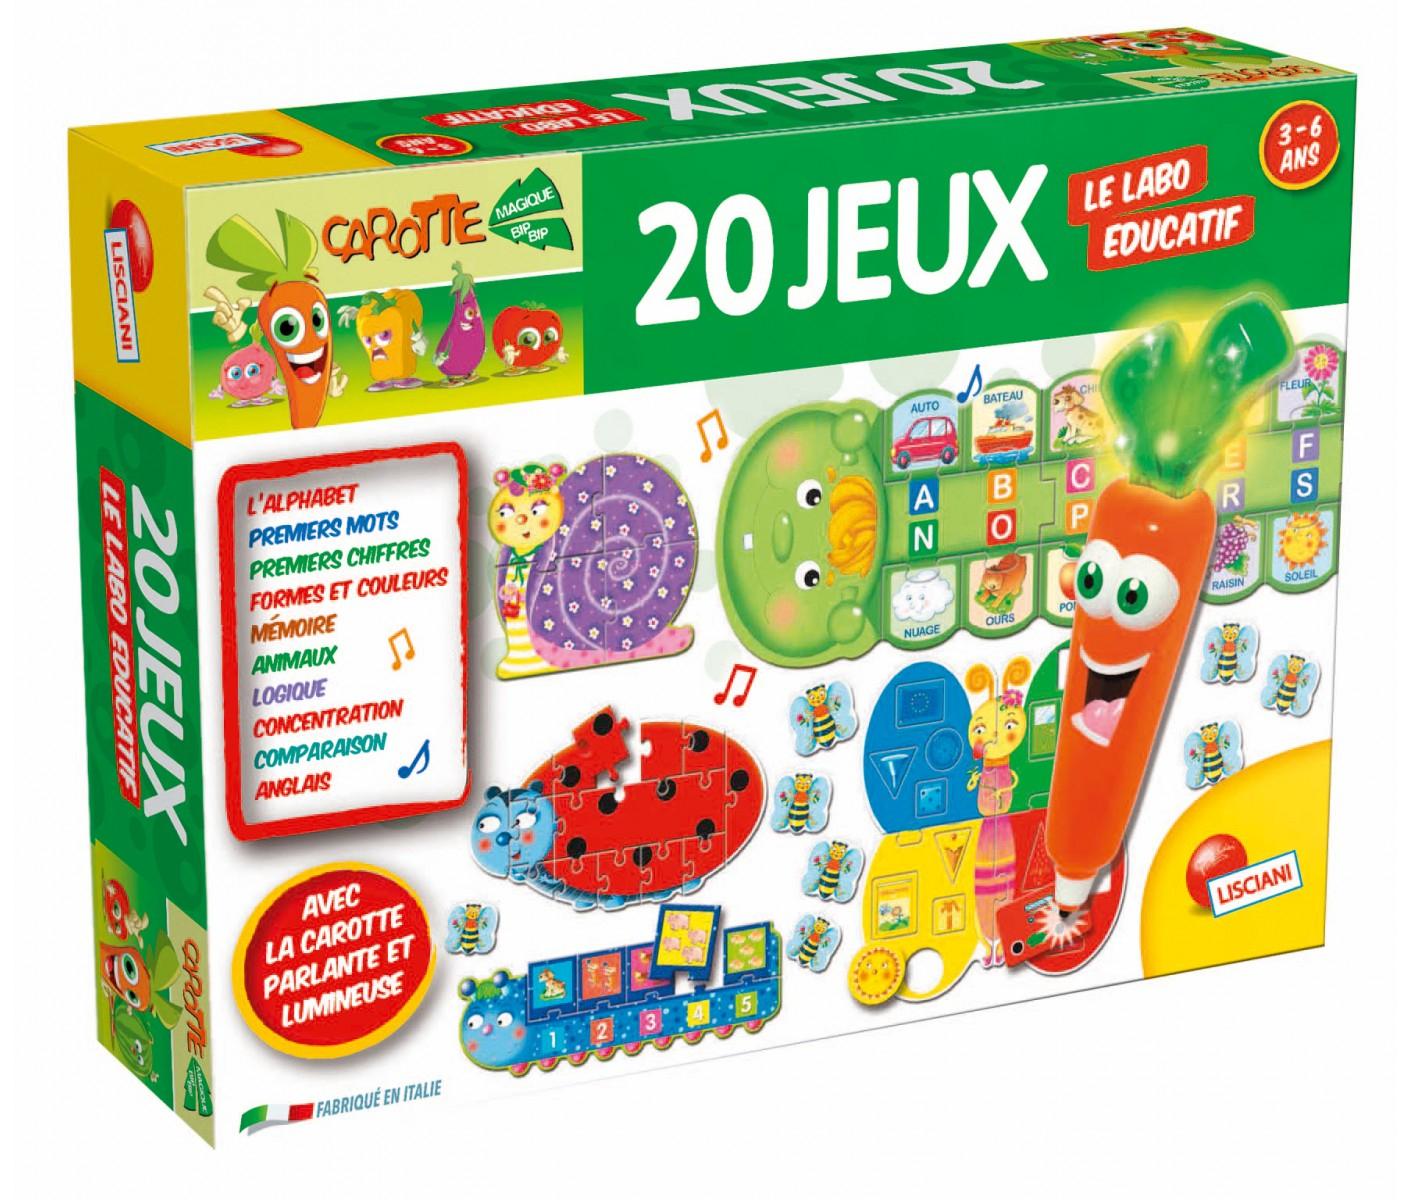 Le Labo Educatif Carotte Magique 20 Jeux pour Jeu Educatif 3 Ans